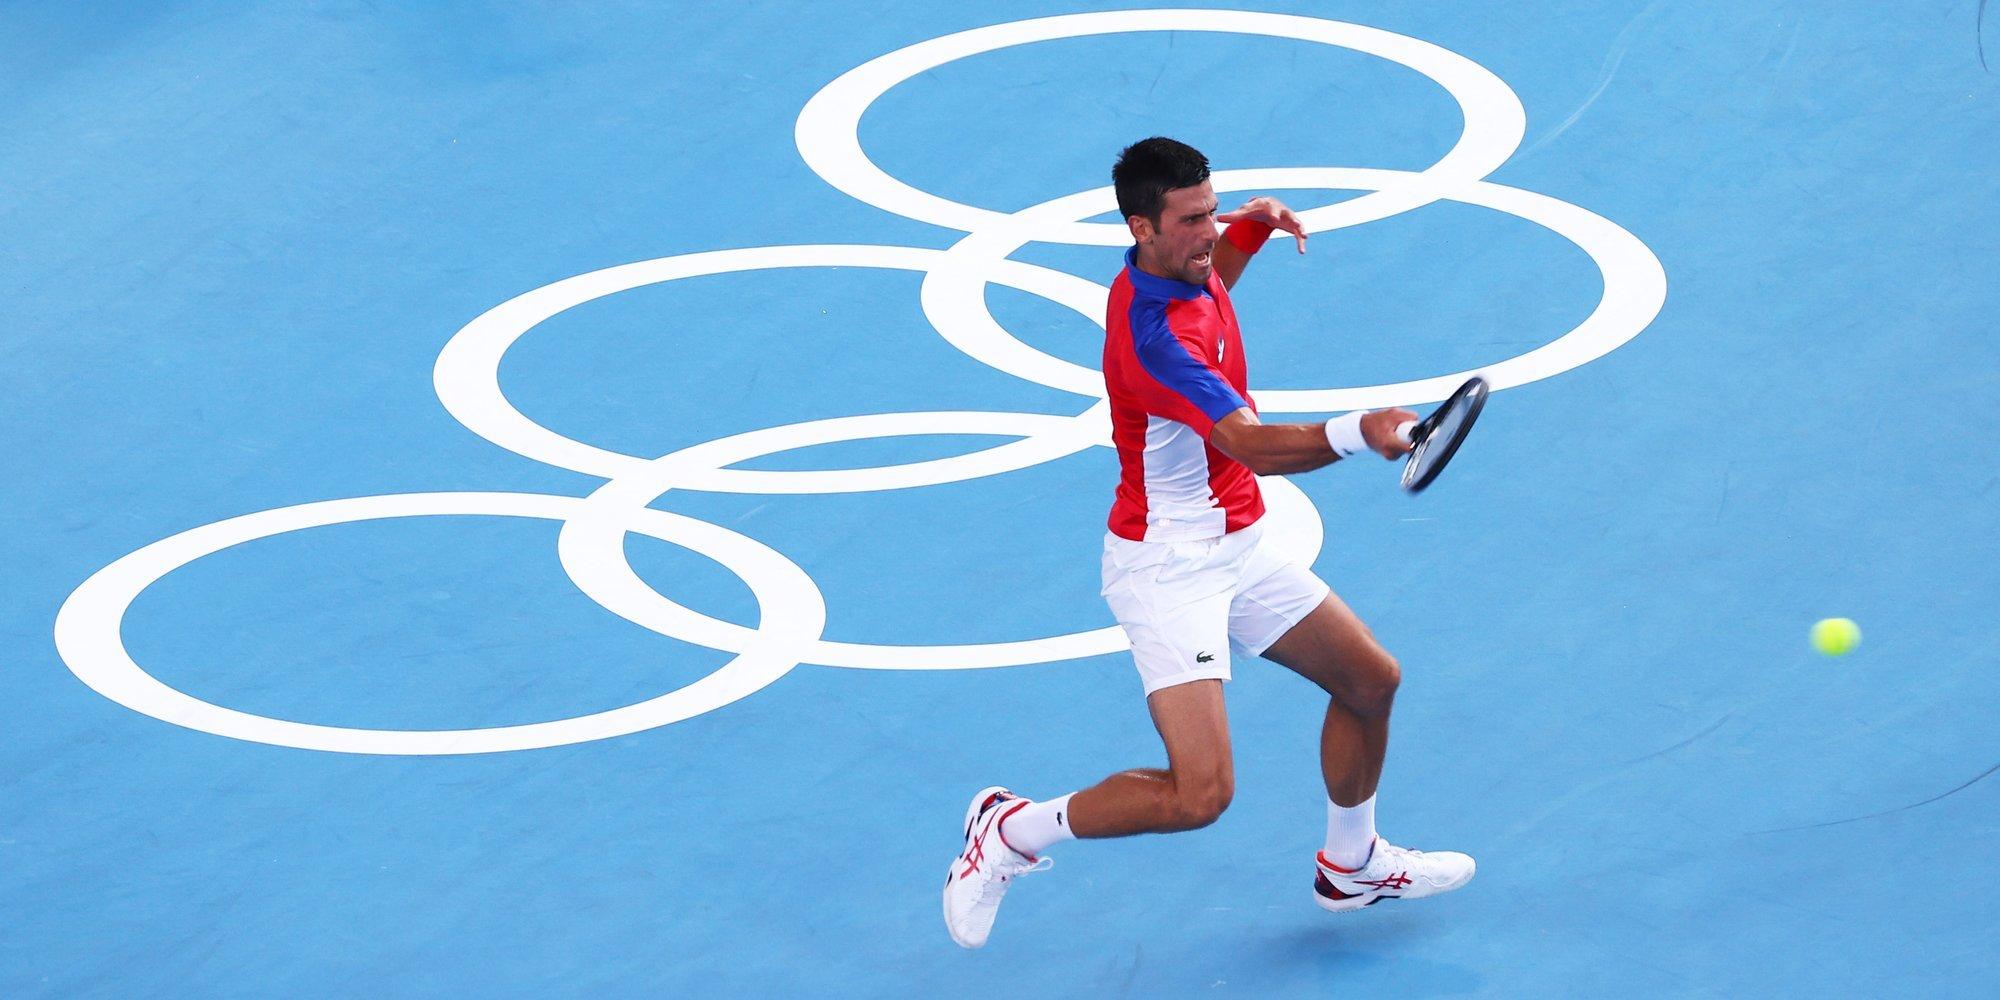 Джокович и Нисикори сыграют в четвертьфинале Олимпийских игр в Токио